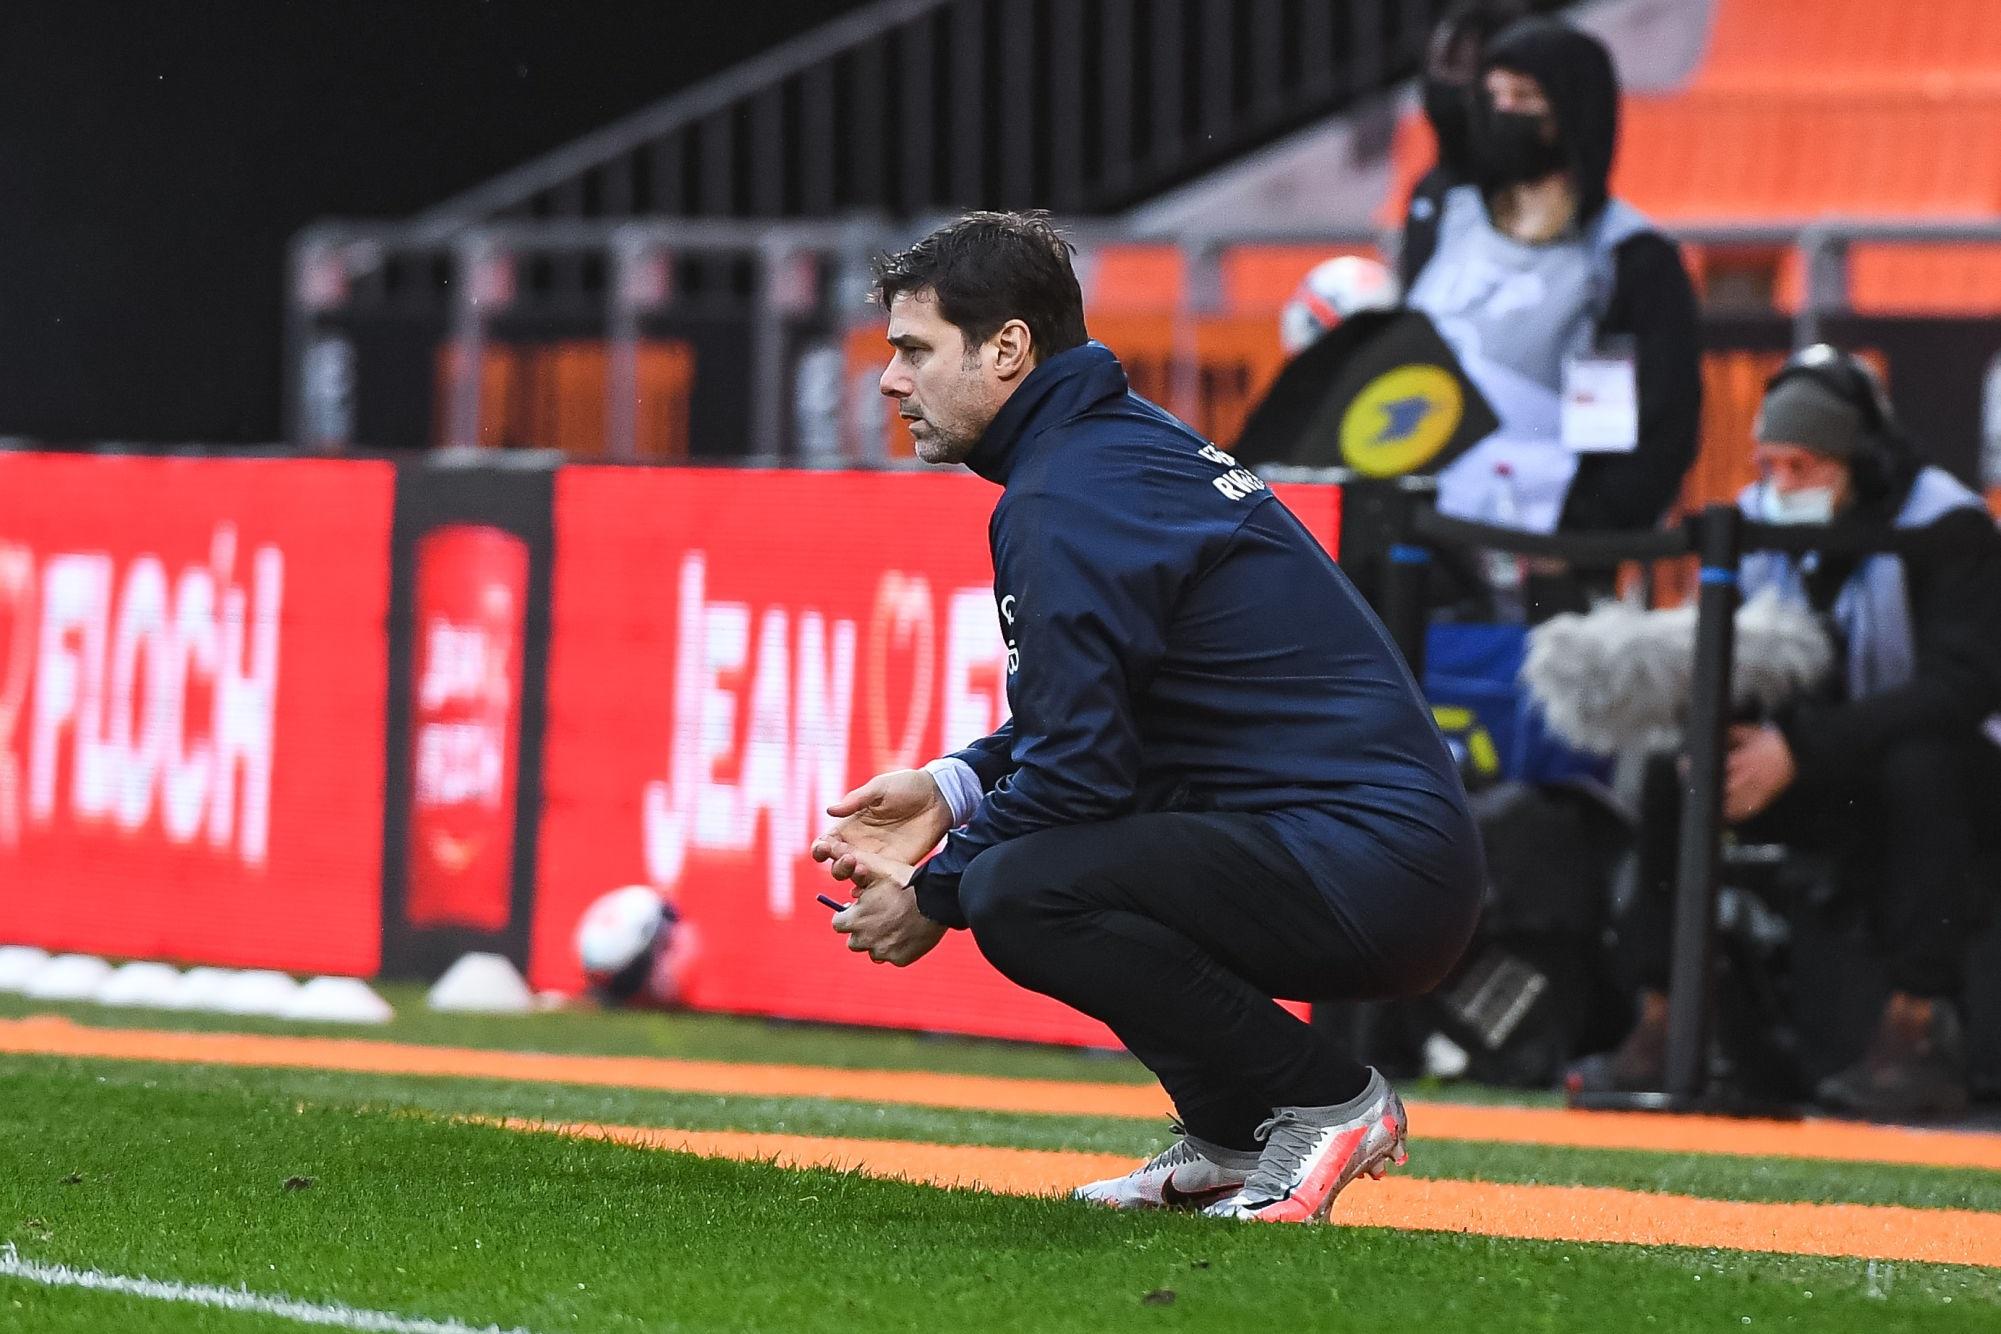 Ligue 1 - Aucun joueur du PSG dans l'équipe-type de L'Equipe de la 22e journée